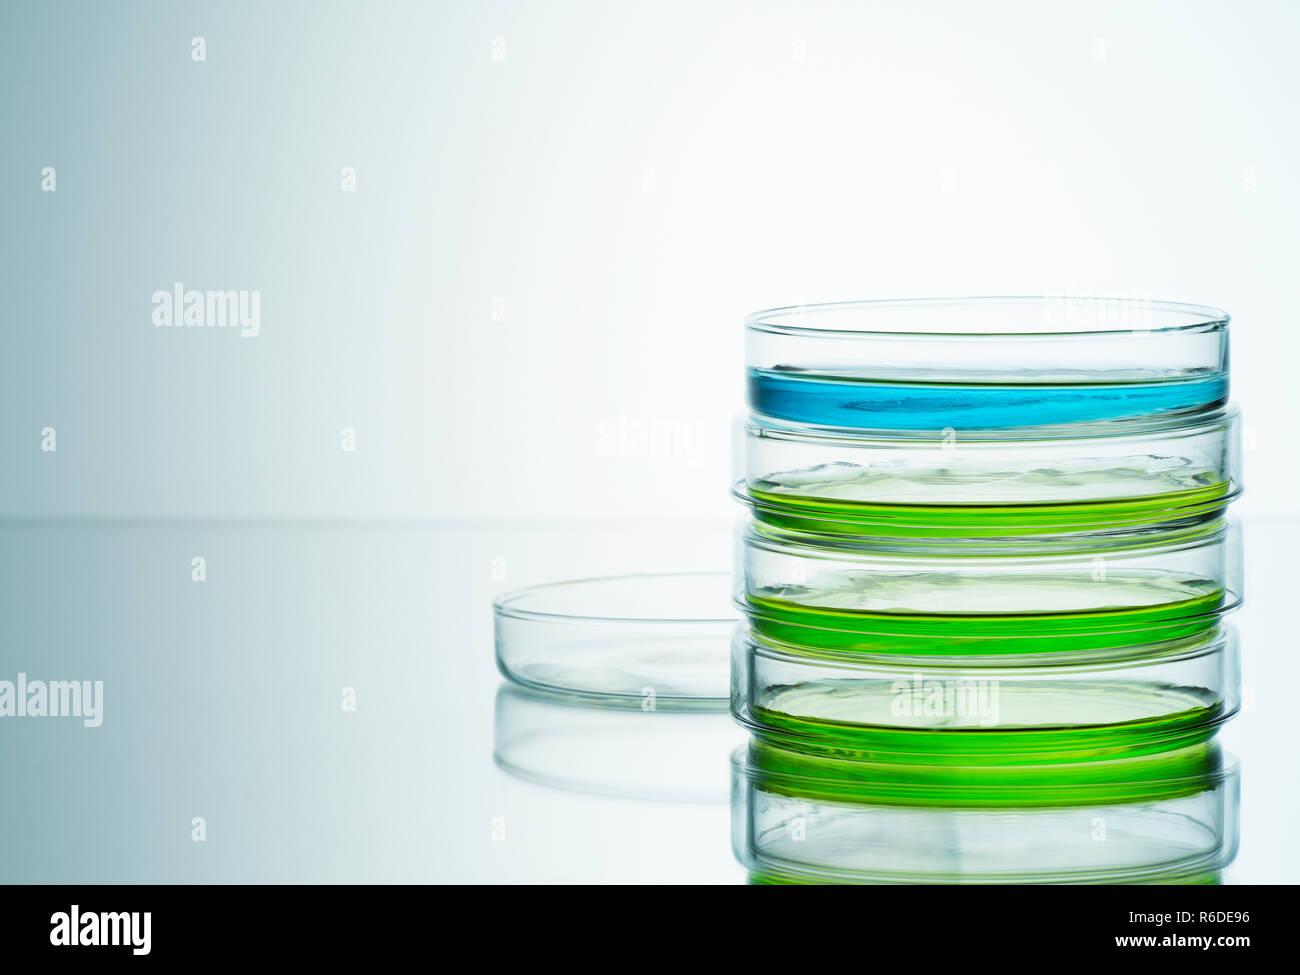 El azul y el verde líquidos en placas petri, fondo liso Foto de stock